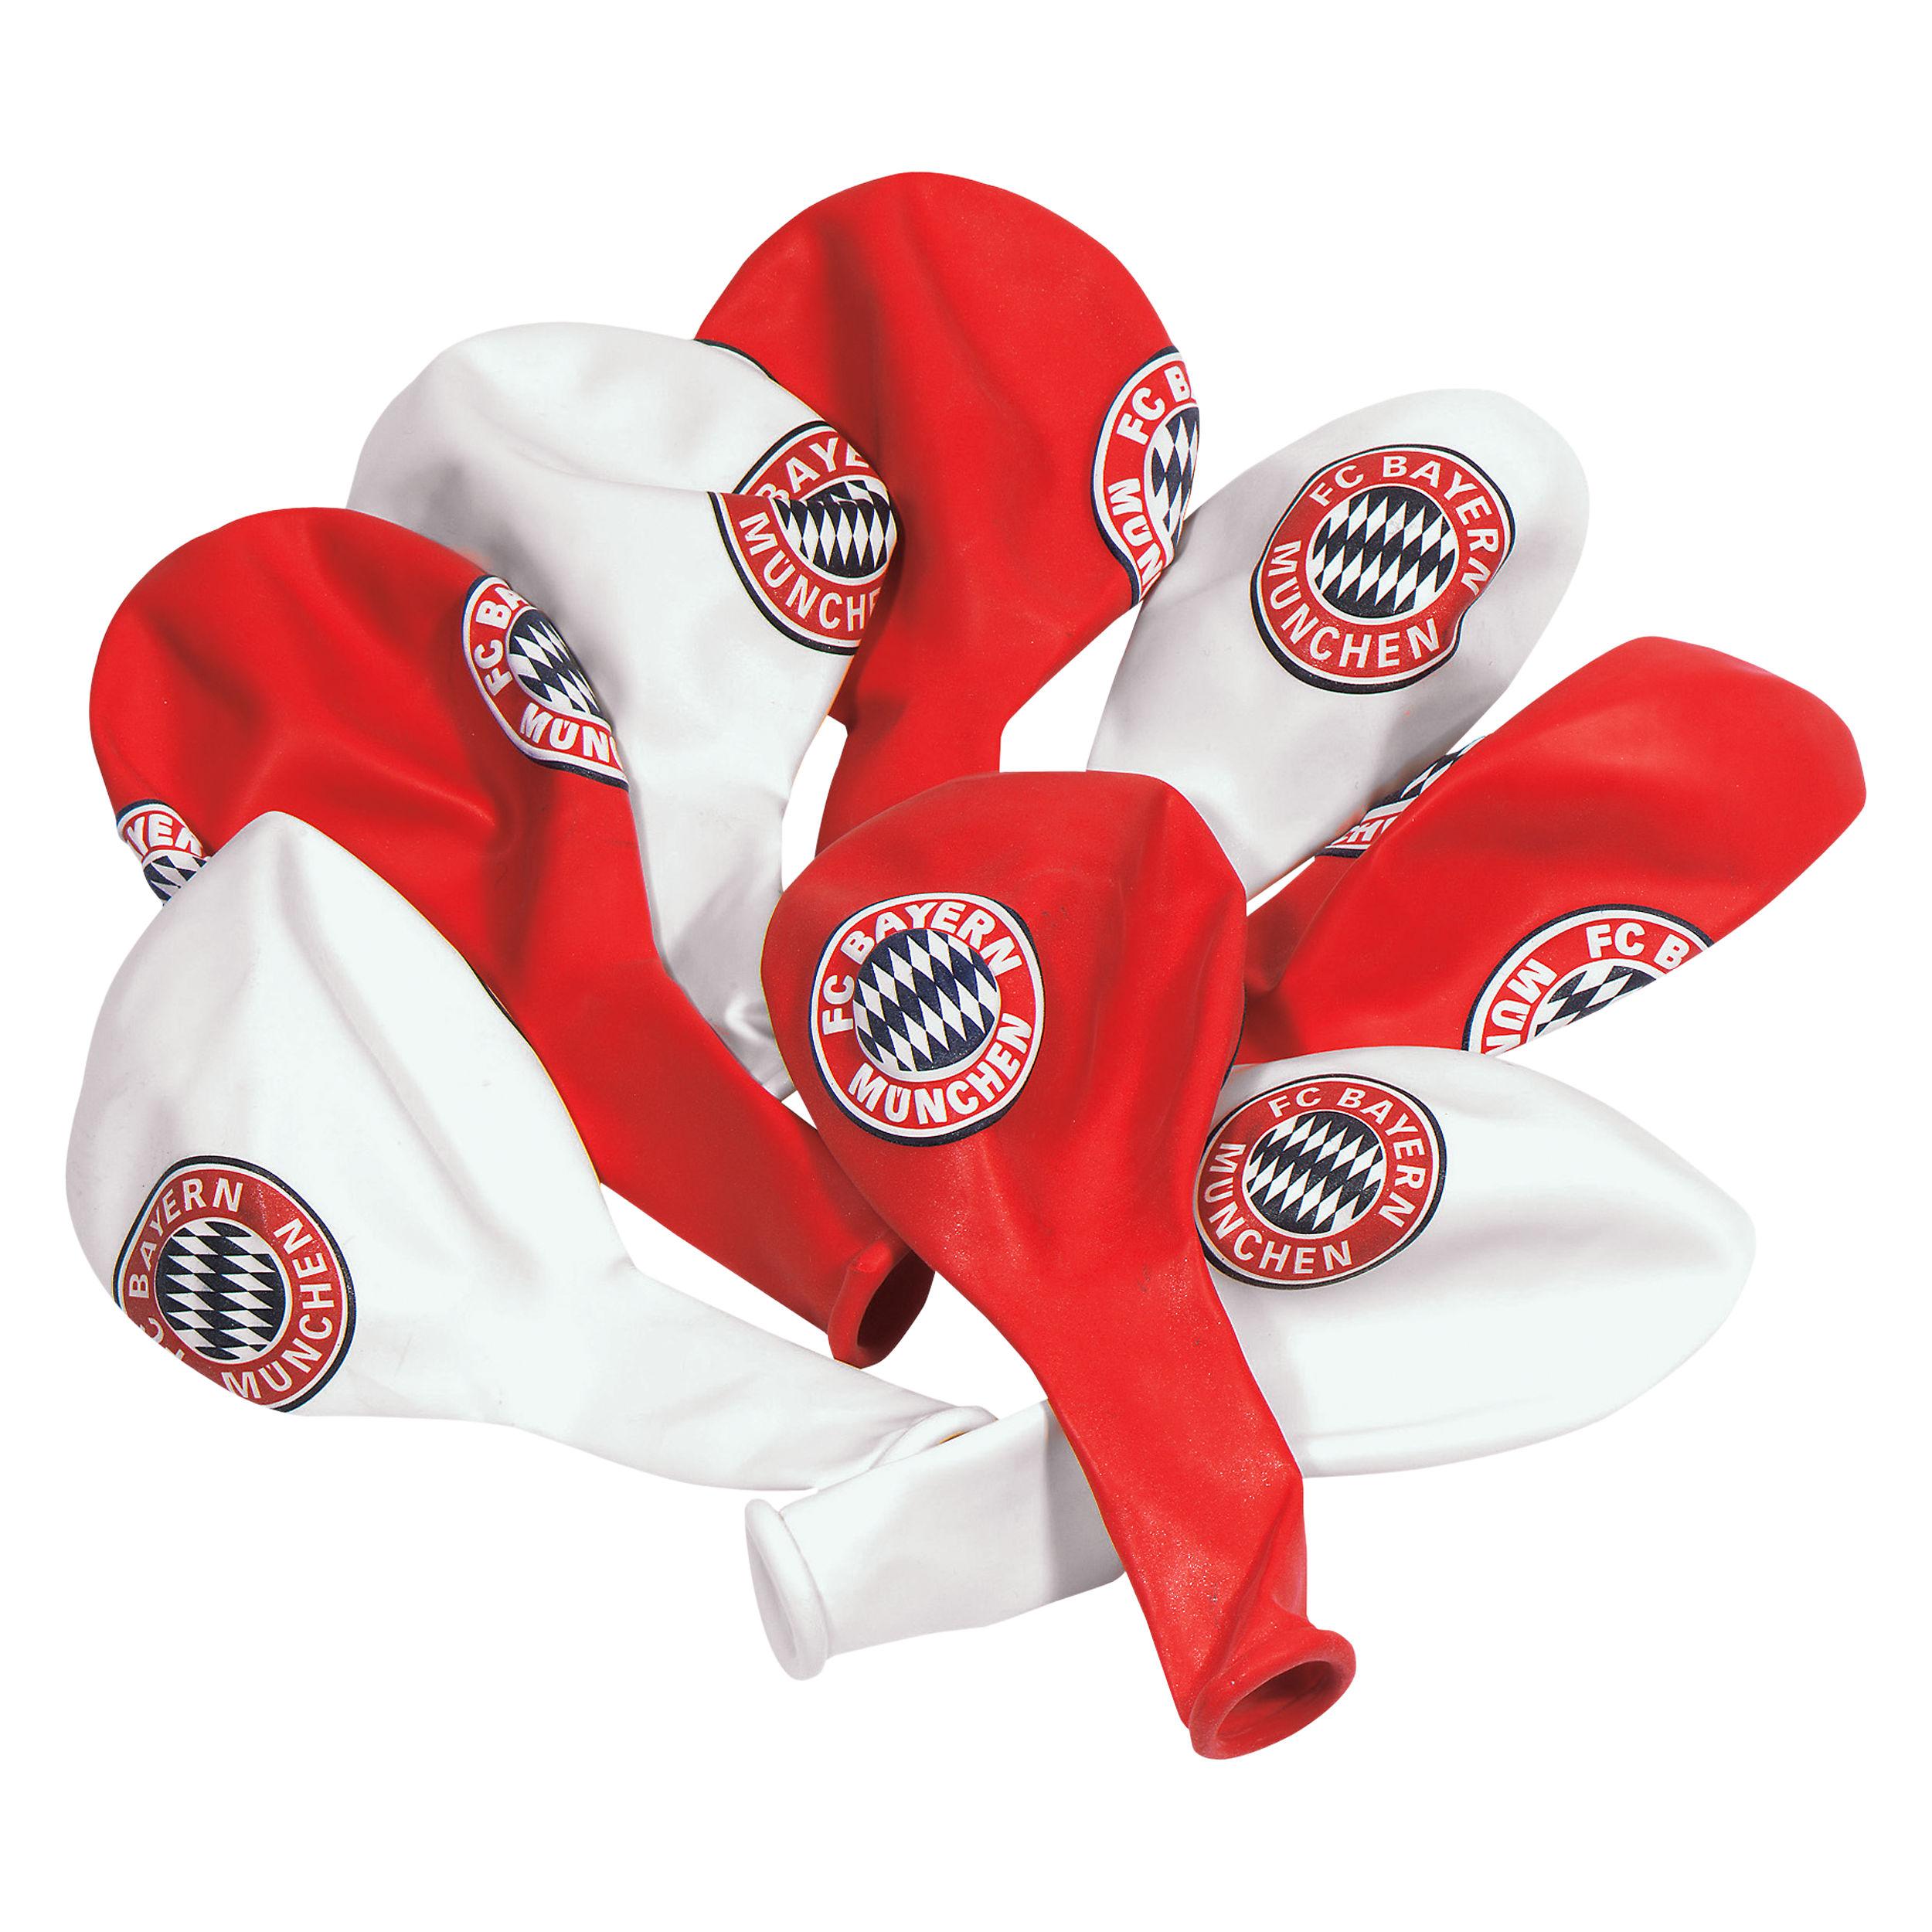 Luftballons FC Bayern München